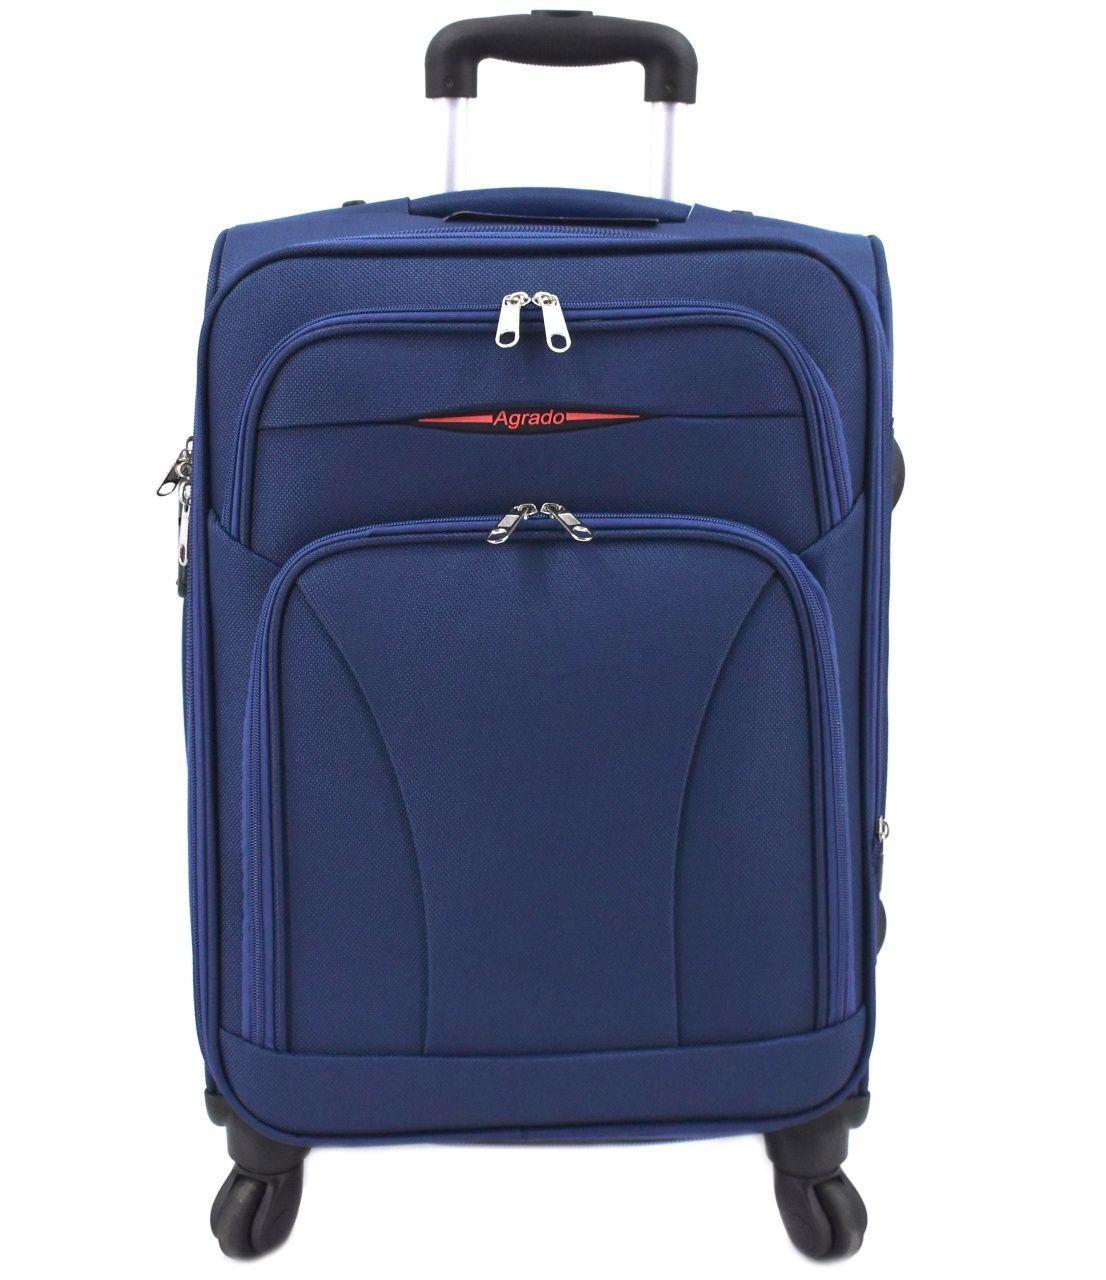 Cestovní textilní kufr na čtyřech kolečkách Agrado (S) 45l - tmavě modrá 8021 (S)